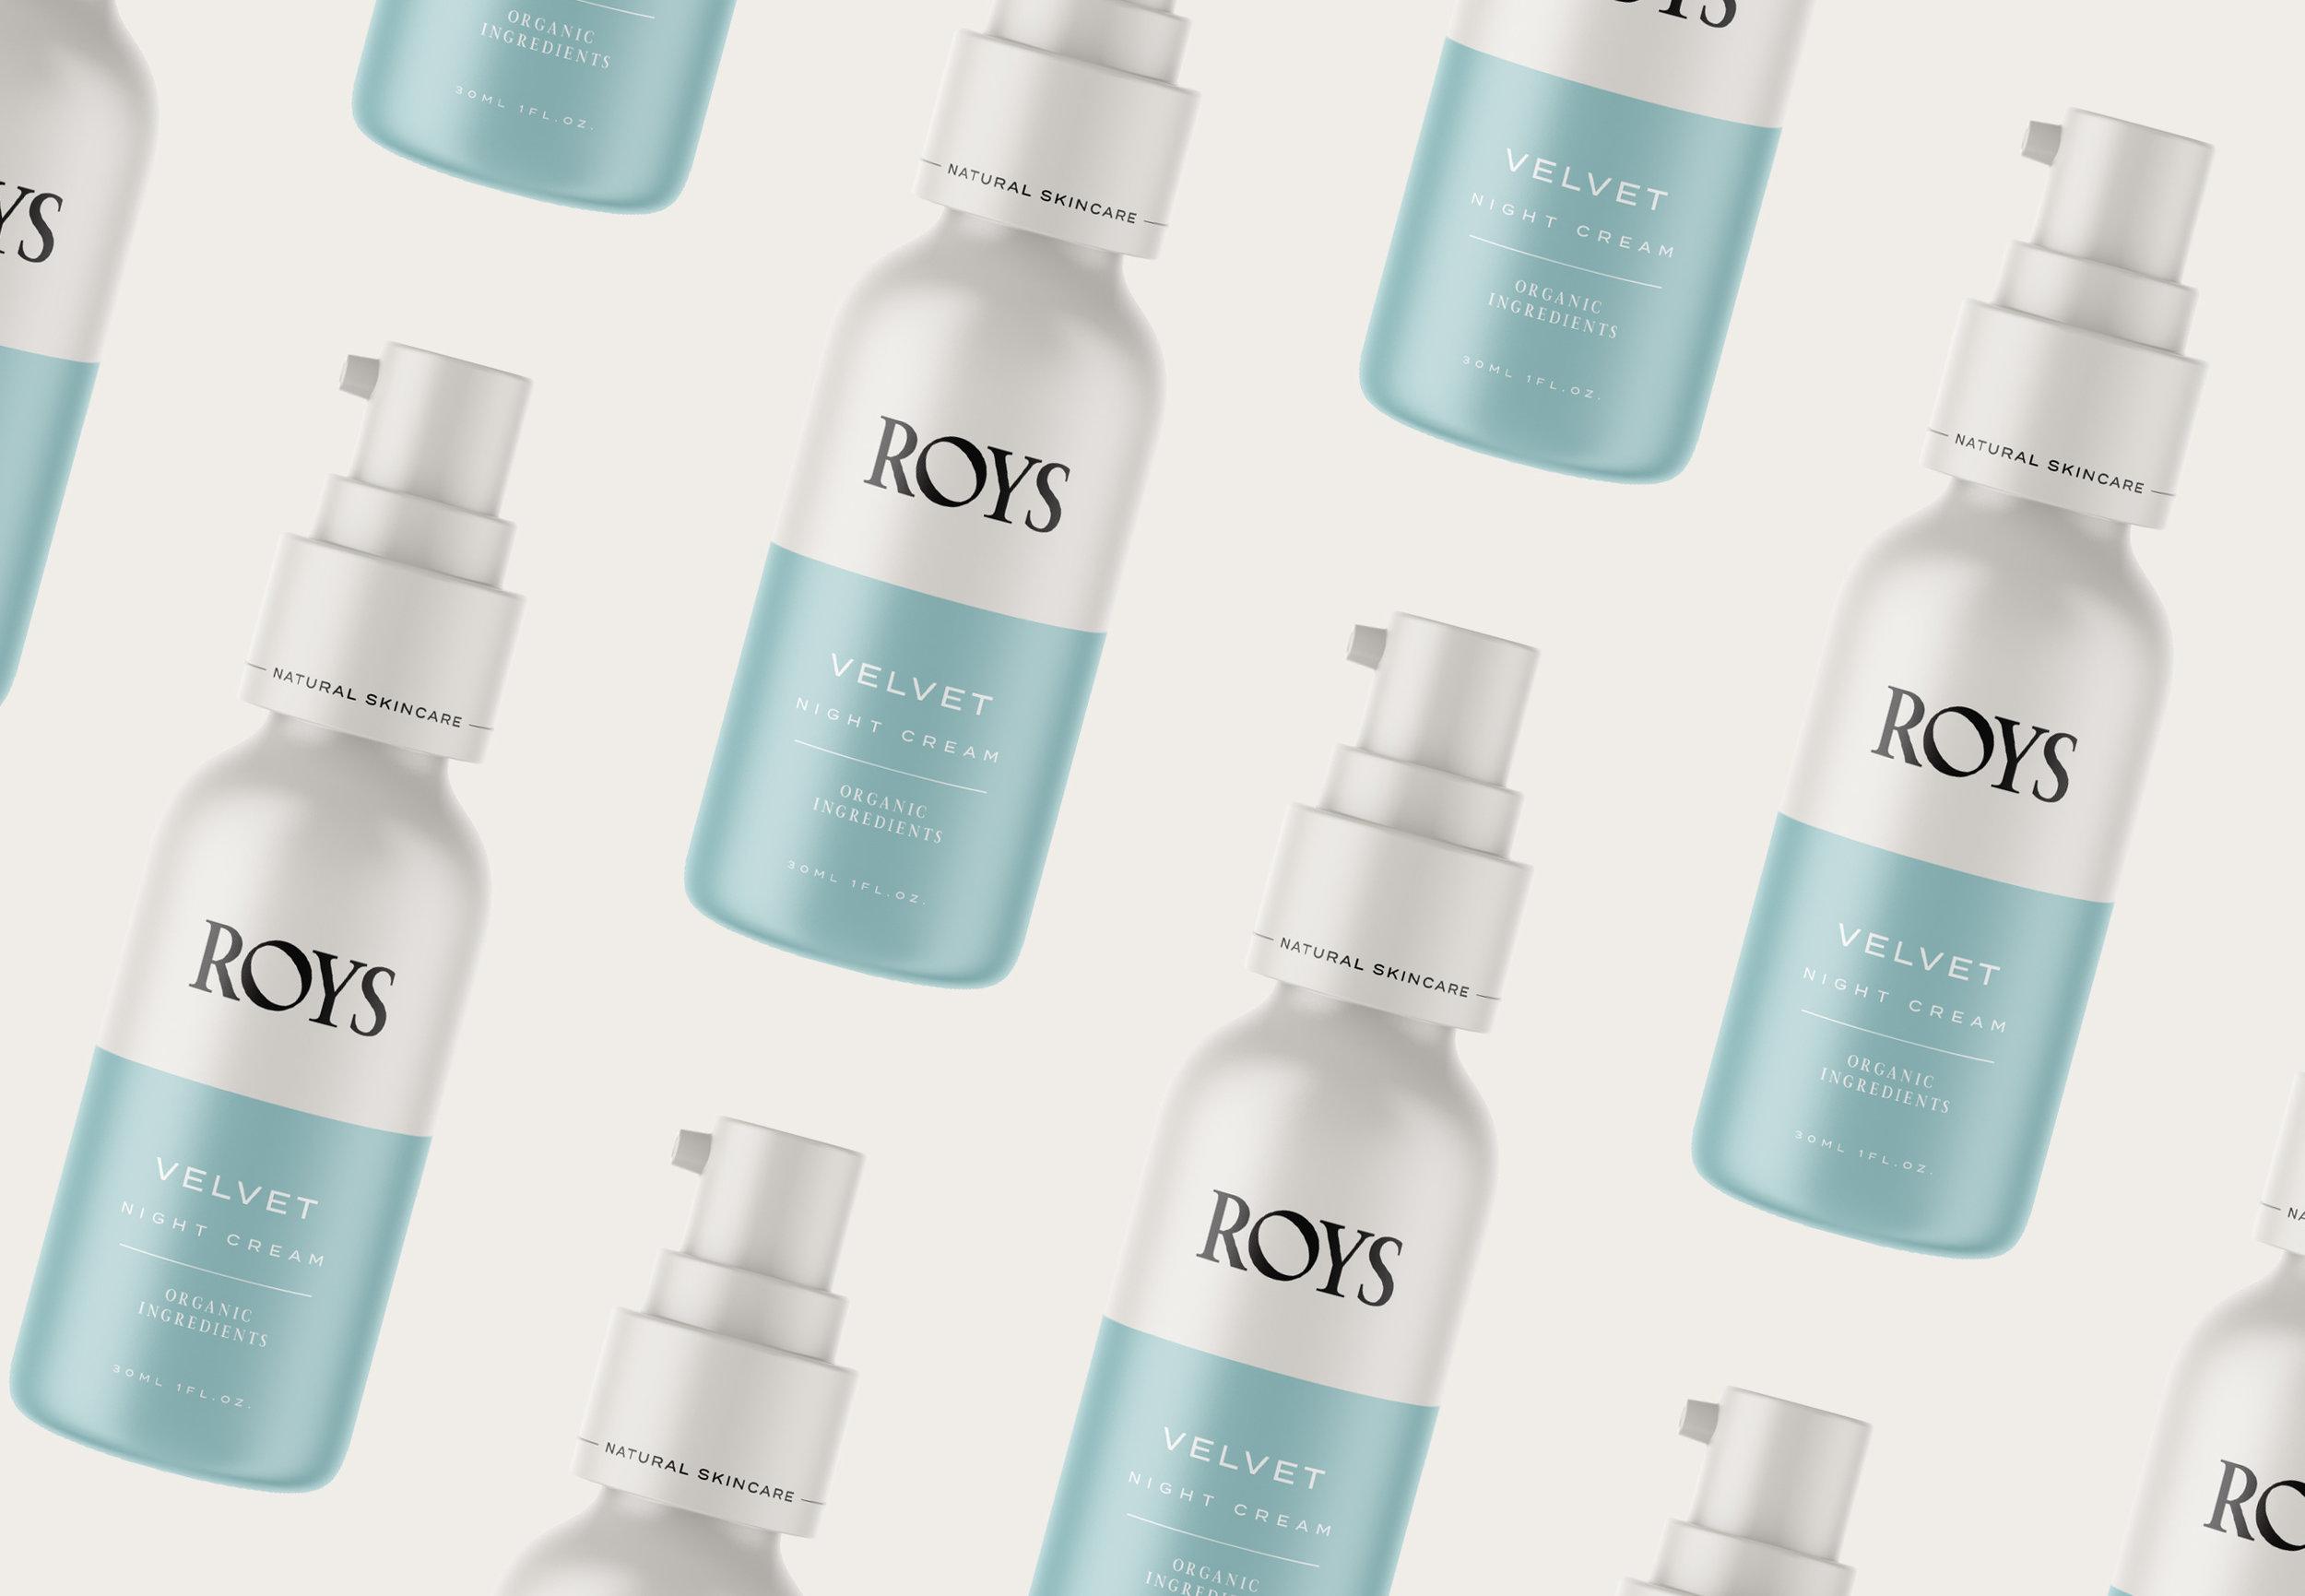 Marka Network Branding Agency - Roys Natural Skincare8.jpg